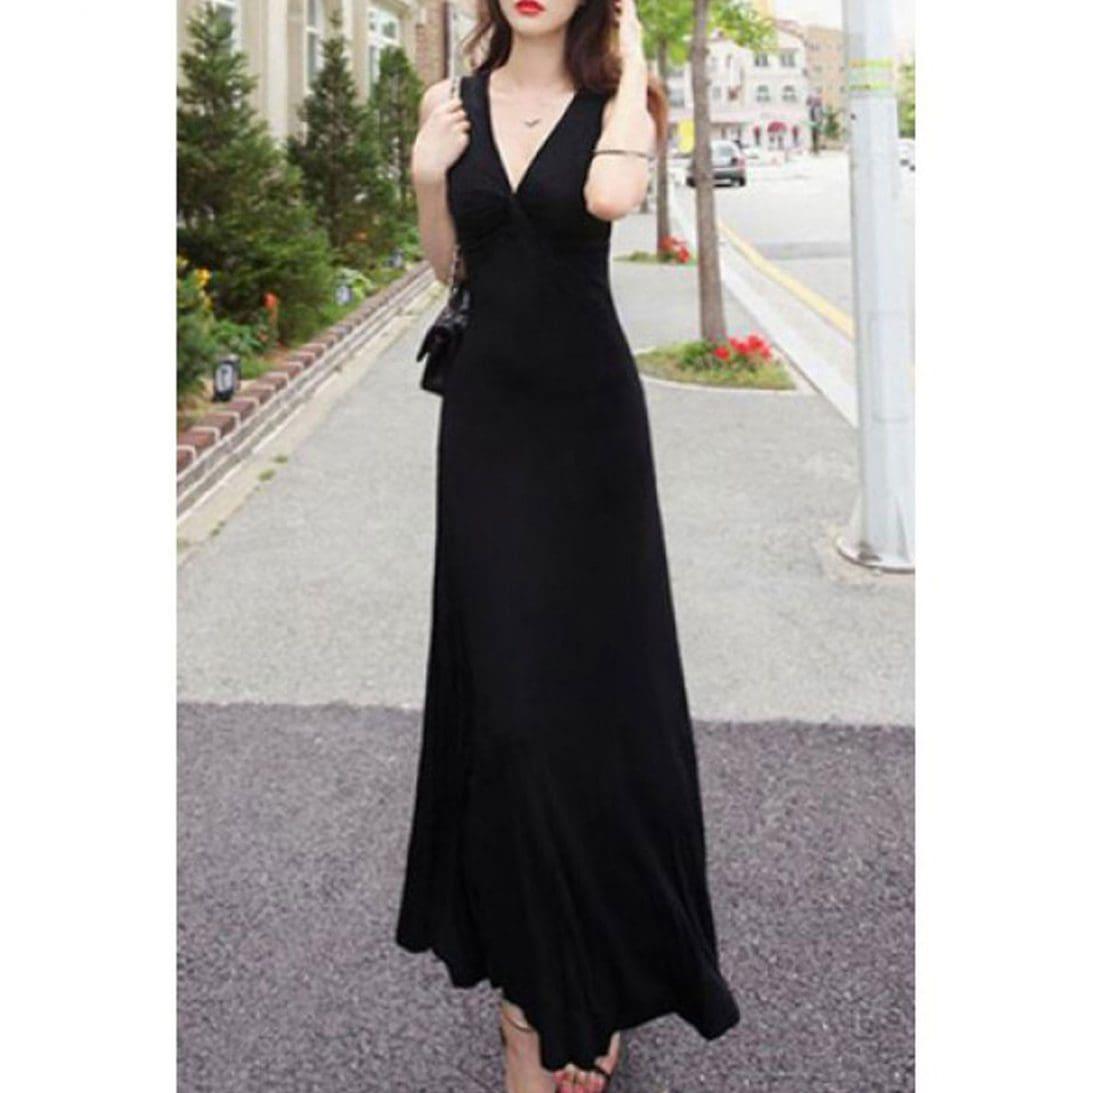 M0164 black1 Maxi Dresses maureens.com boutique